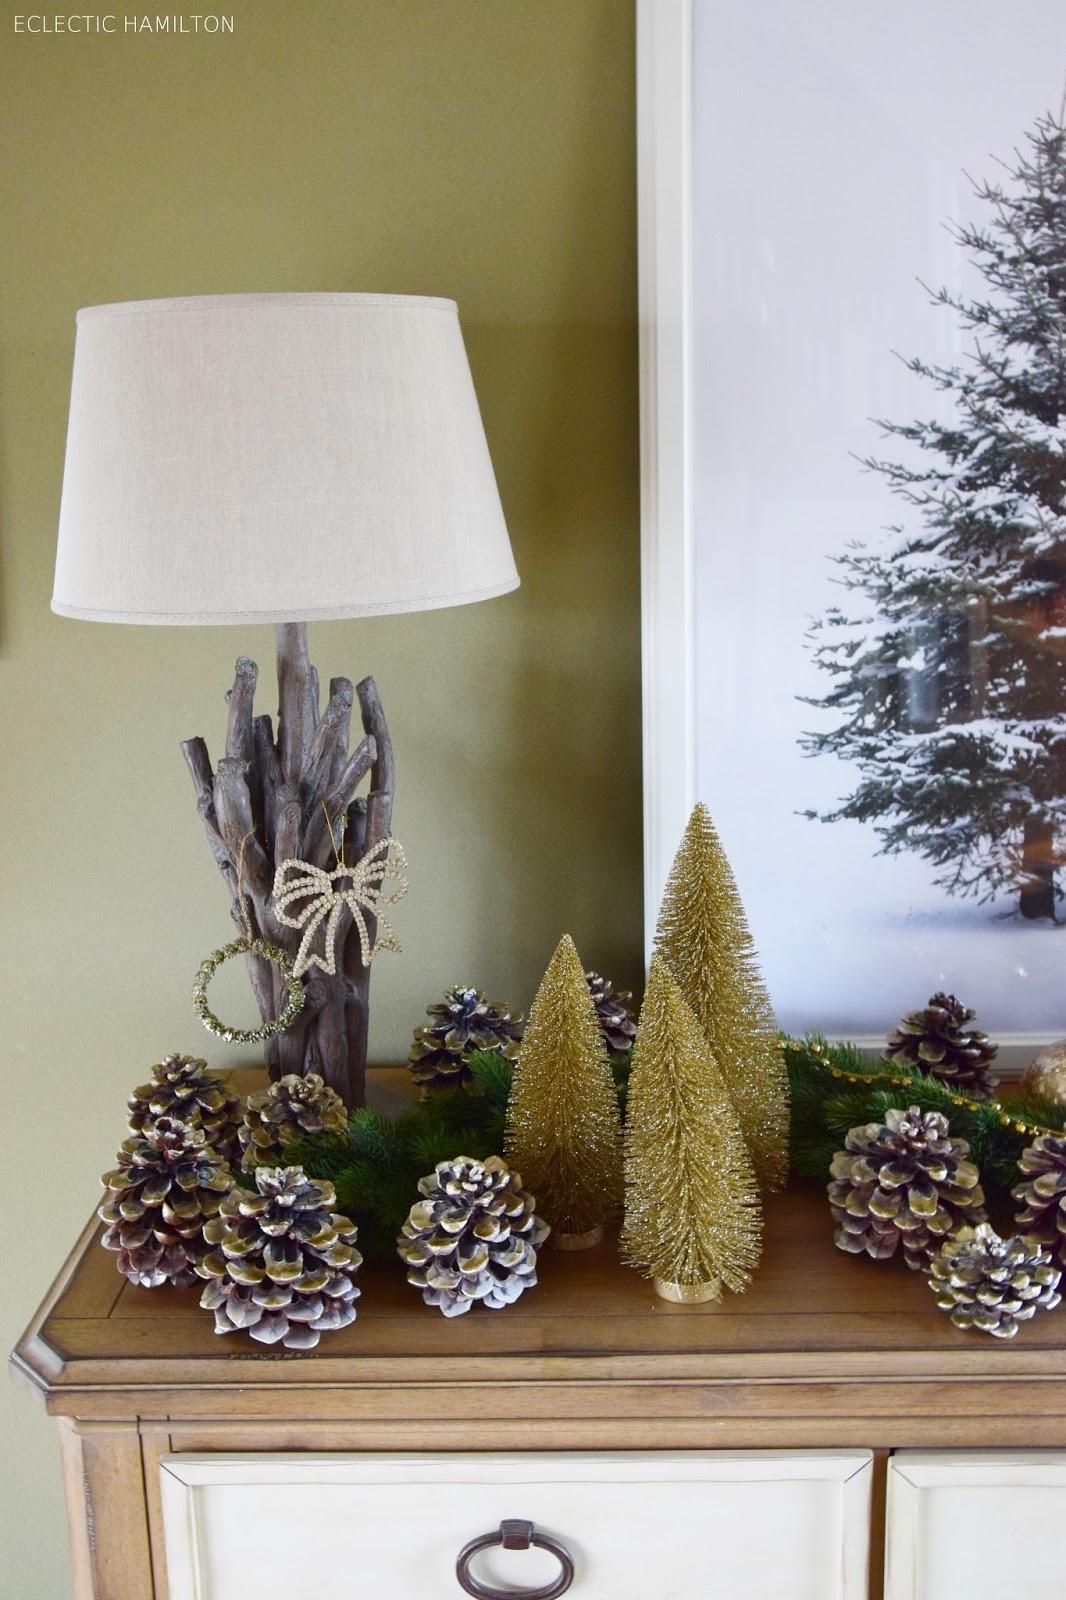 Weihnachtsdeko Wohnzimmer, Tisch, Esszimmer Sideboard,  Mit Pinienzapfen, Tanne, Wandbild, Deko, Dekoration, Dekoideen, Weihnachten, Christmas, gold, DIY,